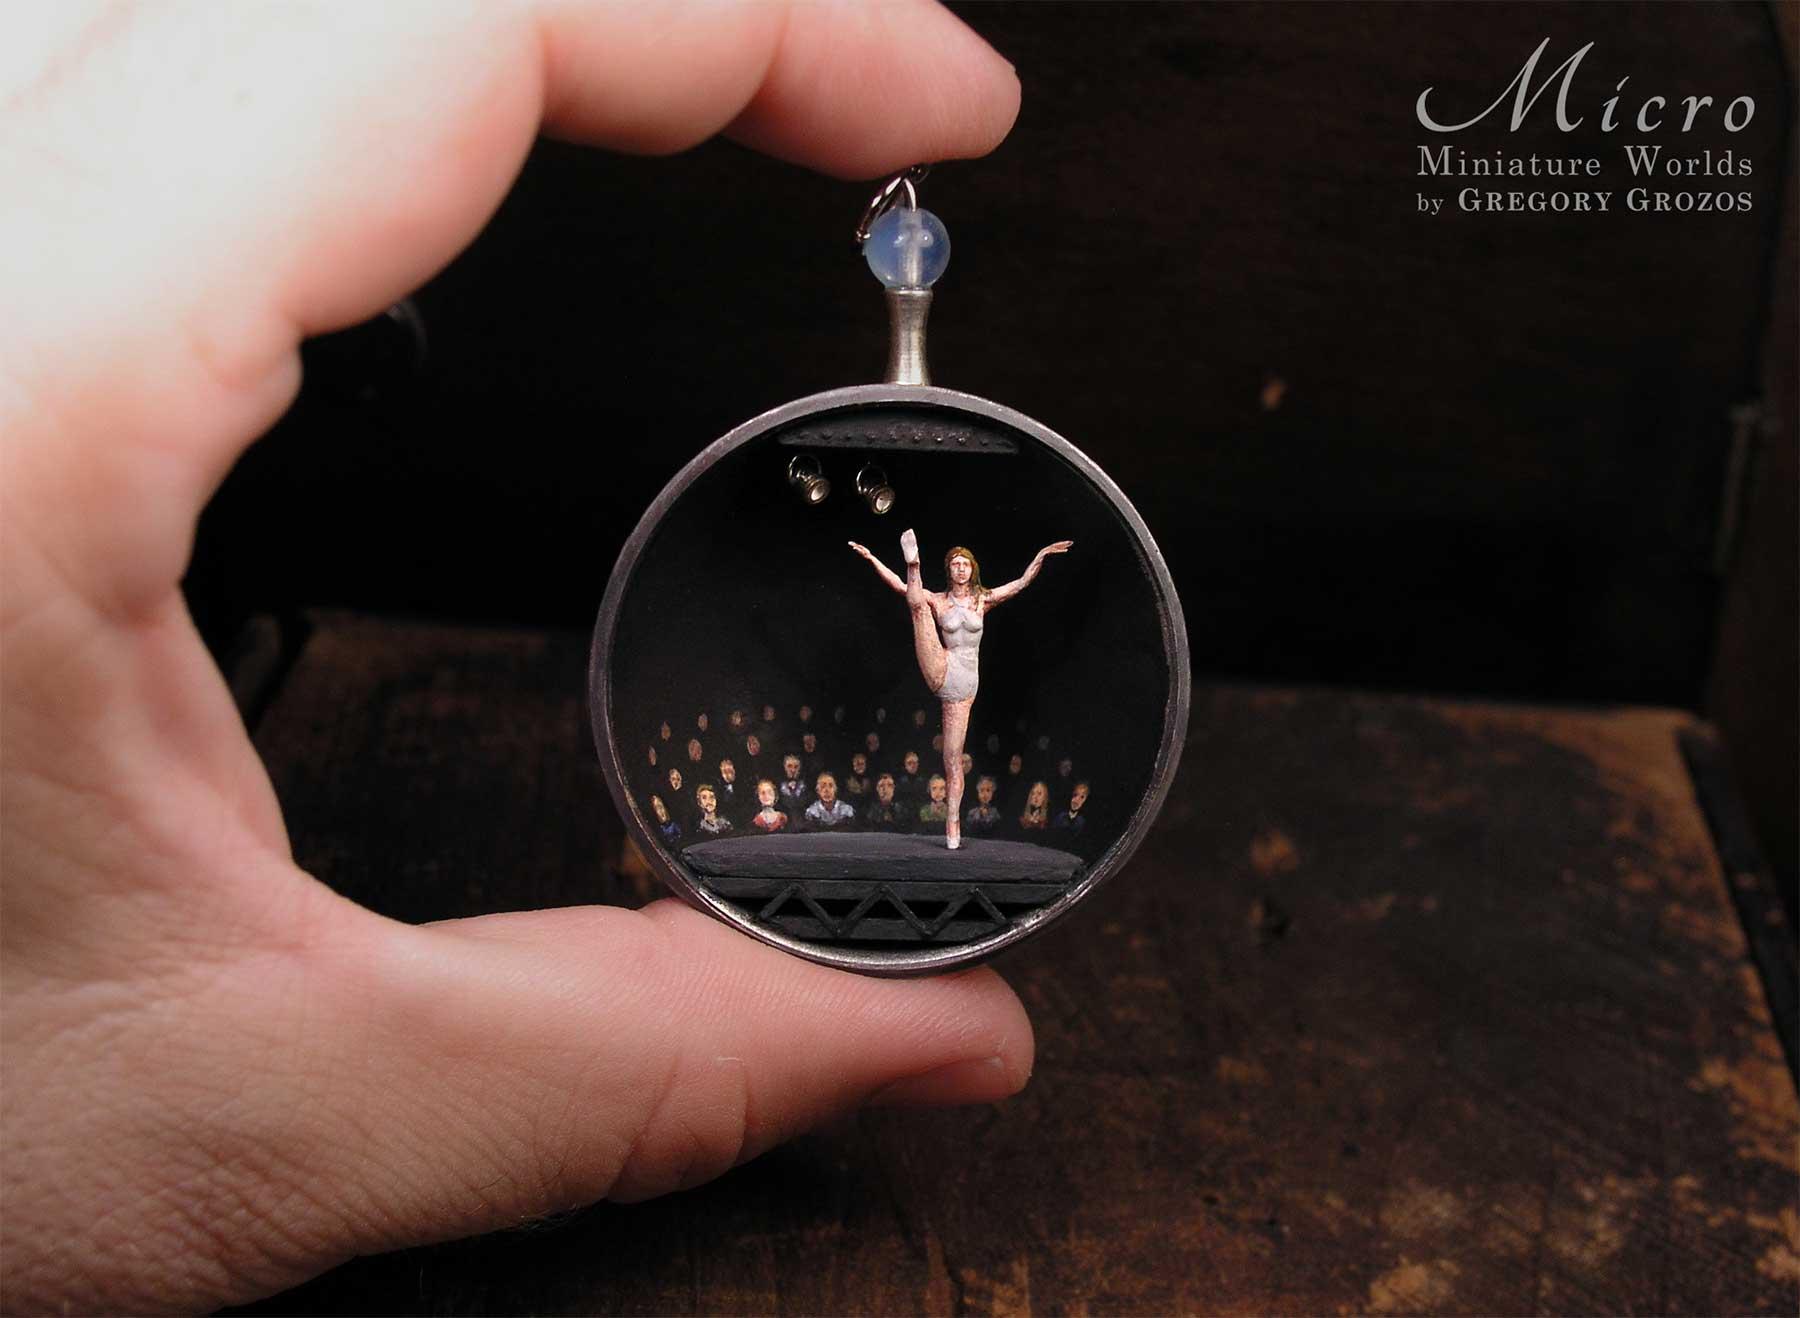 Gregory Grozos erstellt Miniaturwelten in Taschenuhren und Co. Gregory-Grozos-mirco-miniature-worlds_06